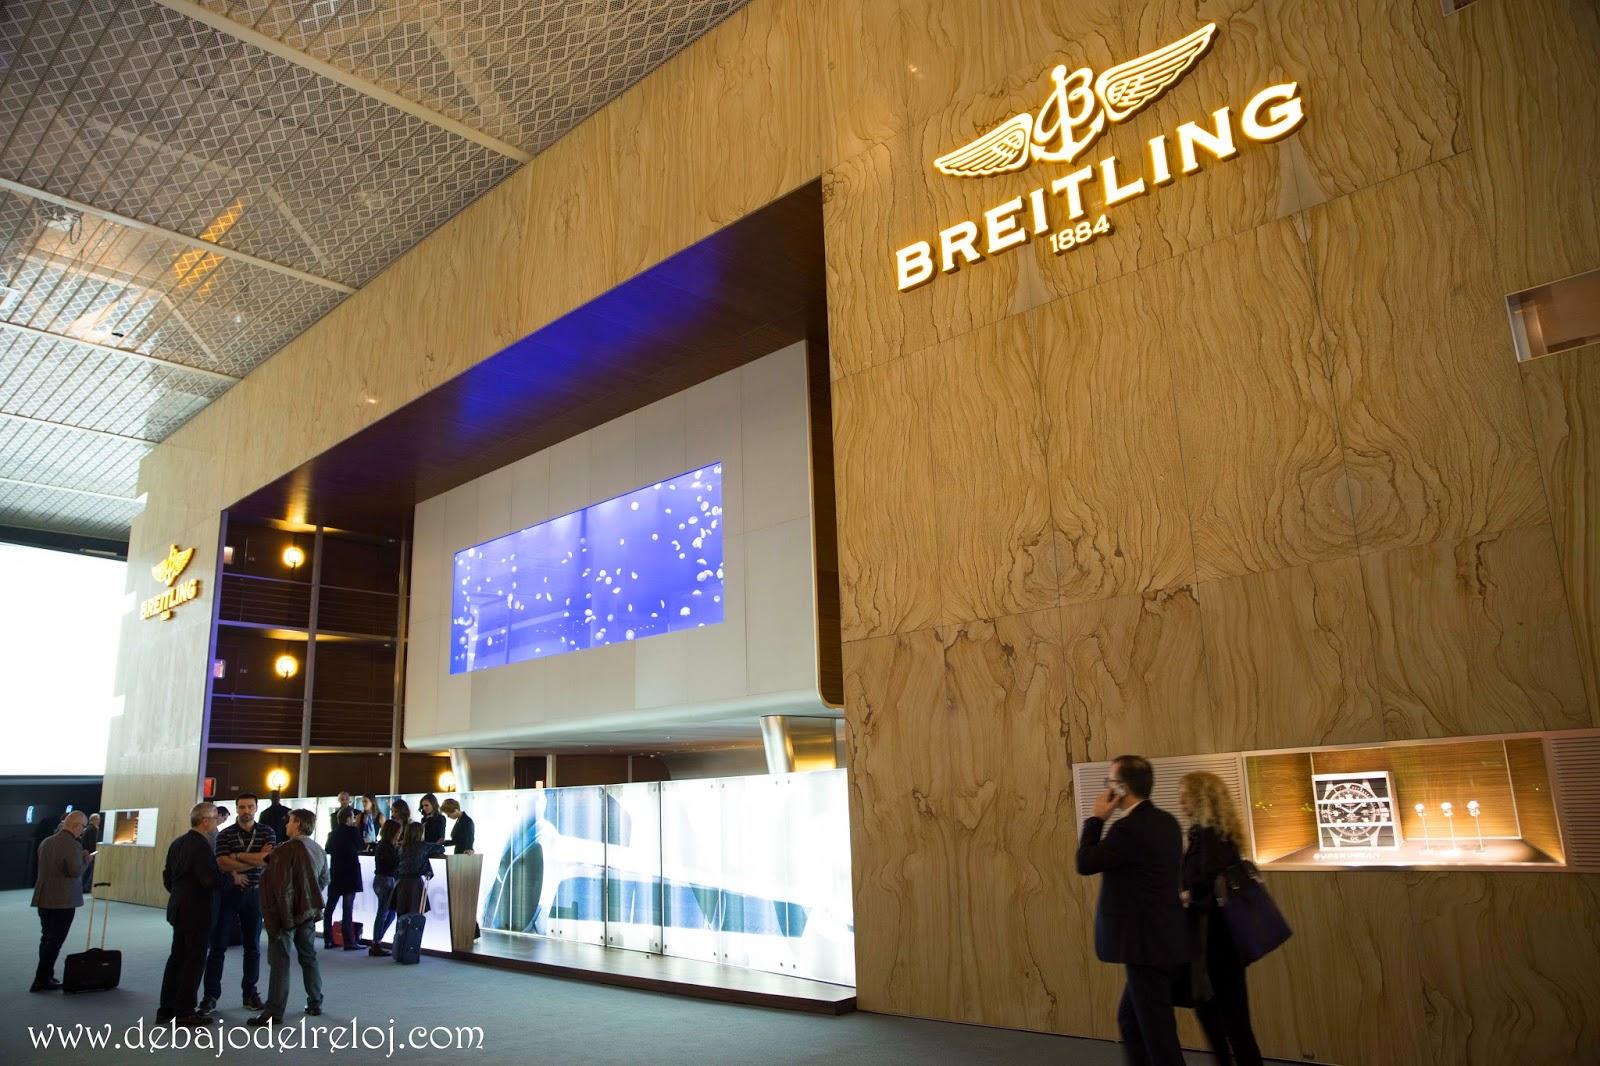 Breitling en basel 2015